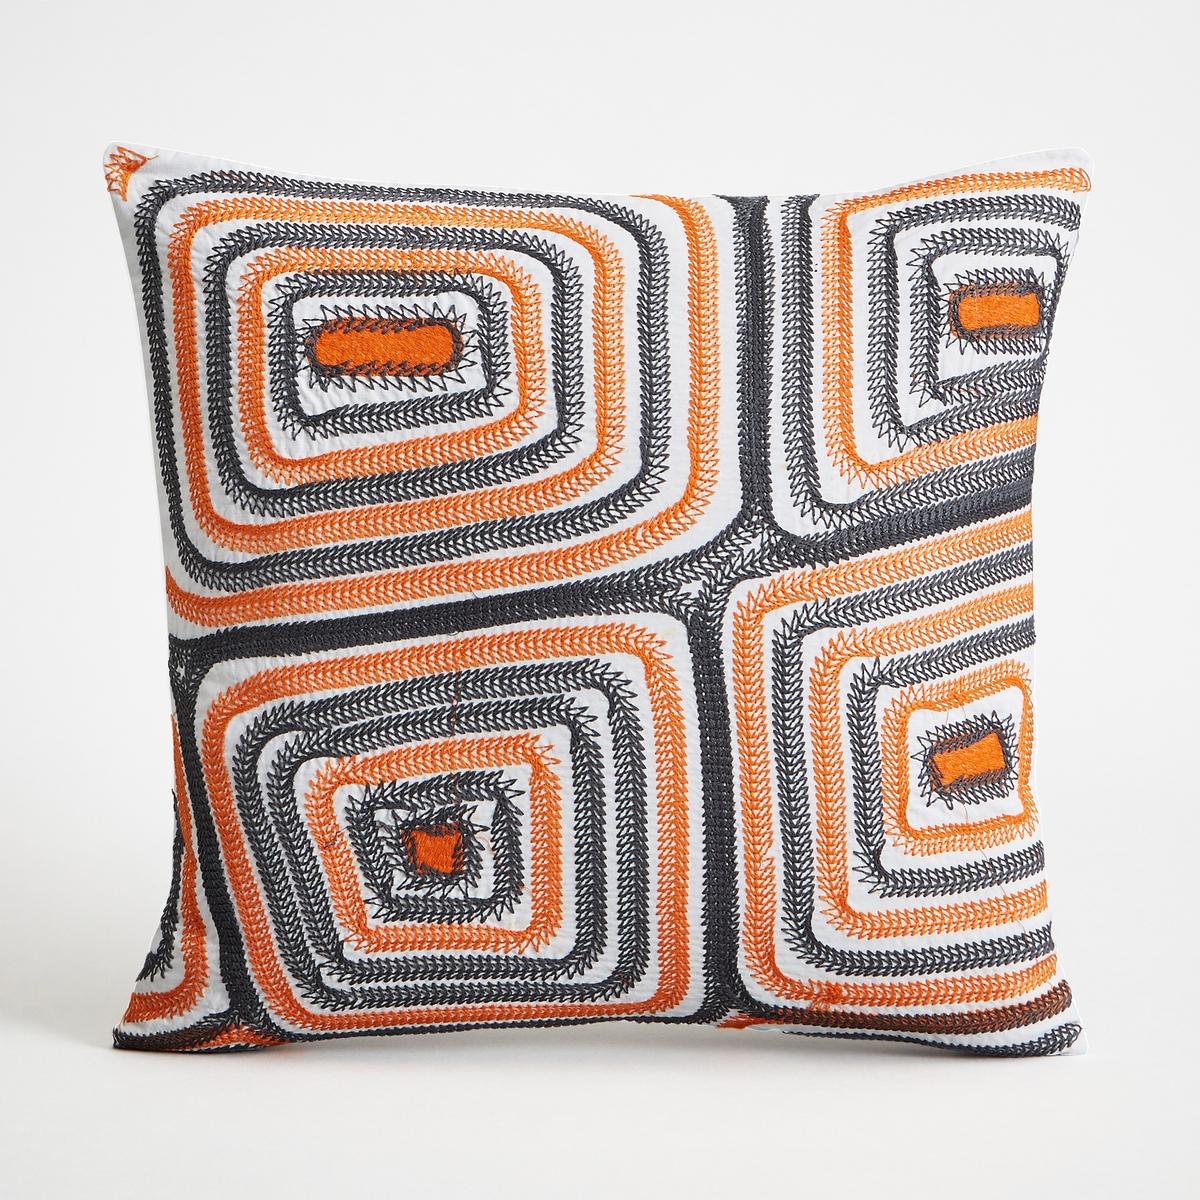 Чехол для подушки DunollyЧехол для подушки Dunolly с рисунком и вышивкой. Застежка на молнию.  Стирка при 30°.Материал :- 100% хлопок. Размеры :- 40 x 40 см.Подушка продается отдельно на сайте.<br><br>Цвет: оранжевый/ черный<br>Размер: 40 x 40  см